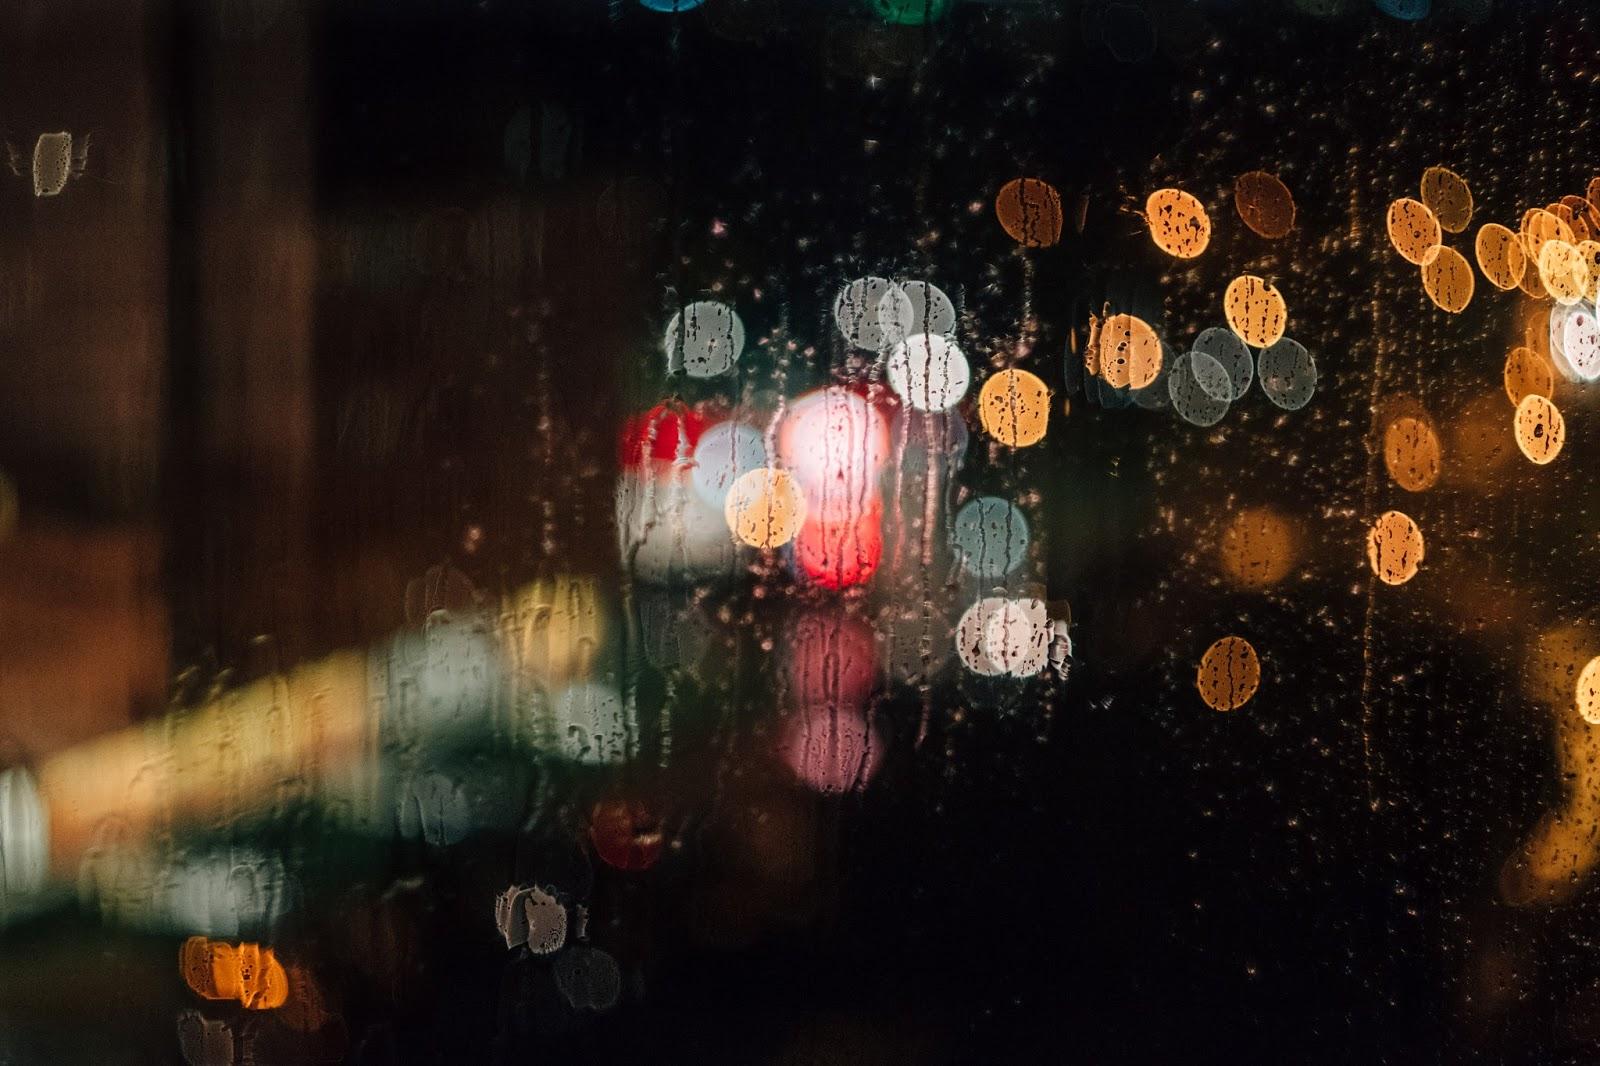 Rainy day Eglaf o blog da mo